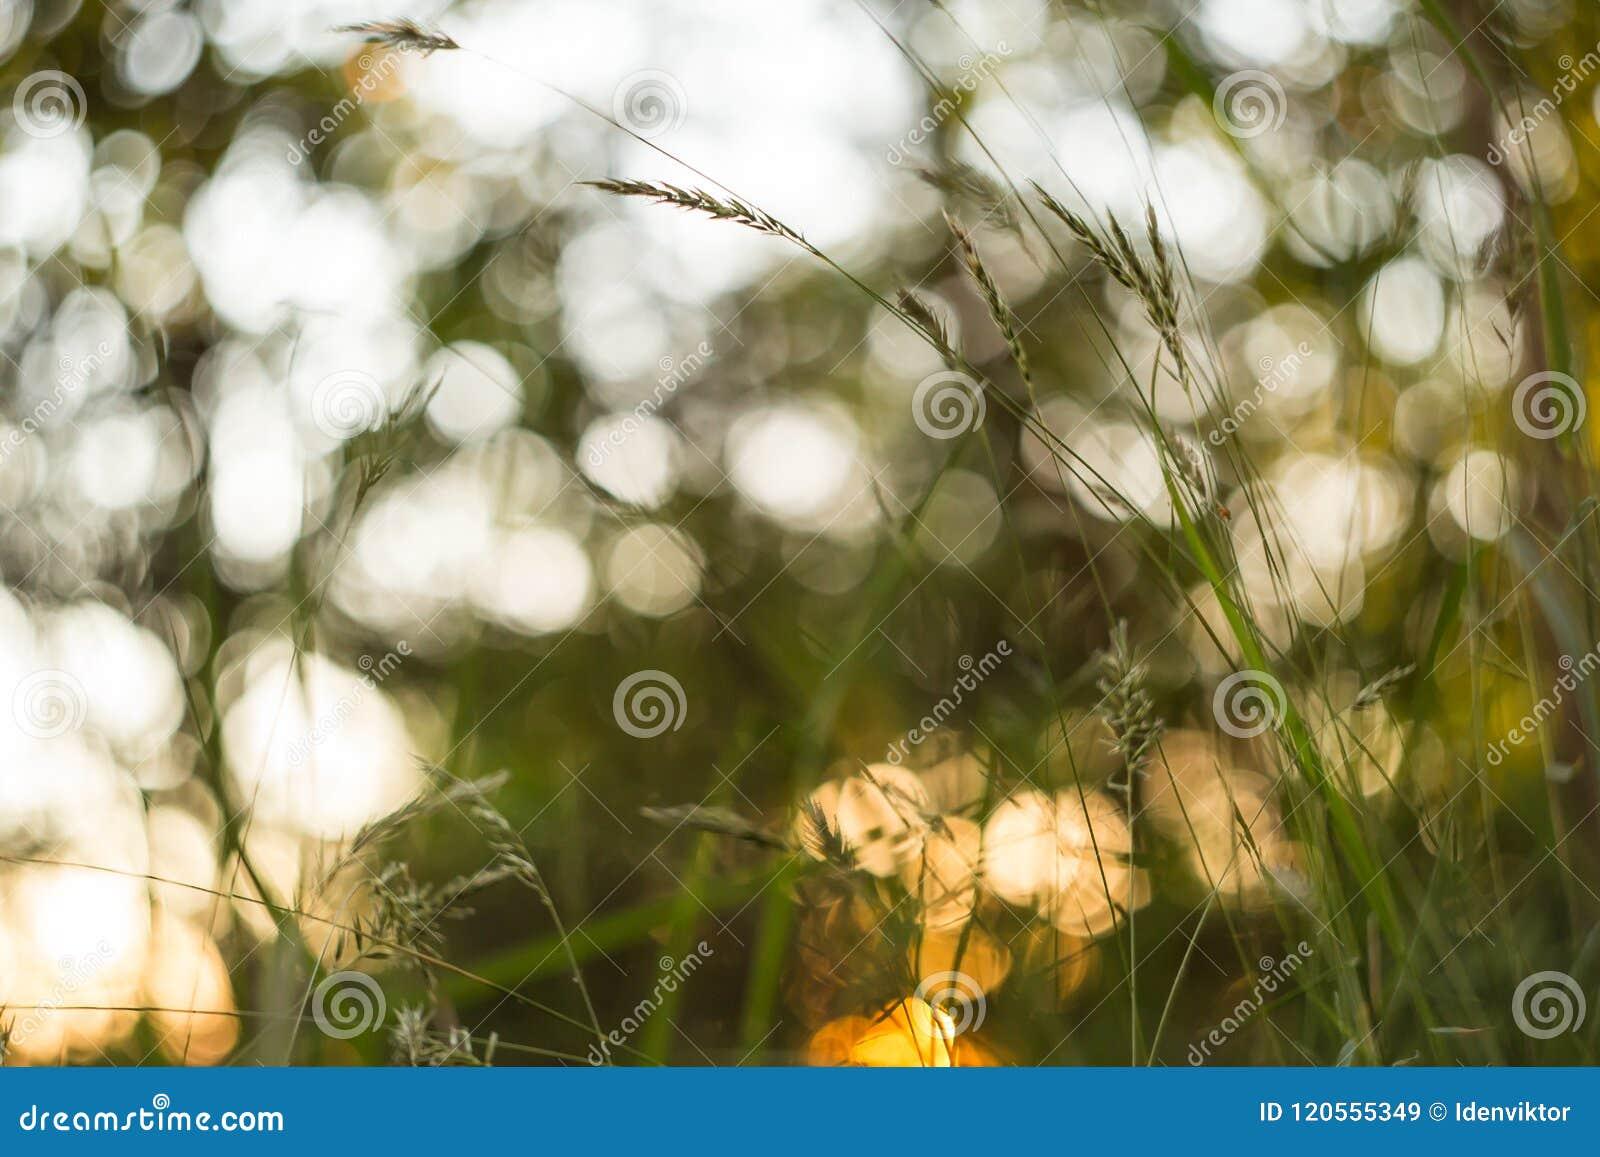 Sumário verde e amarelo fundo borrado da natureza Macro, borrão, bokeh